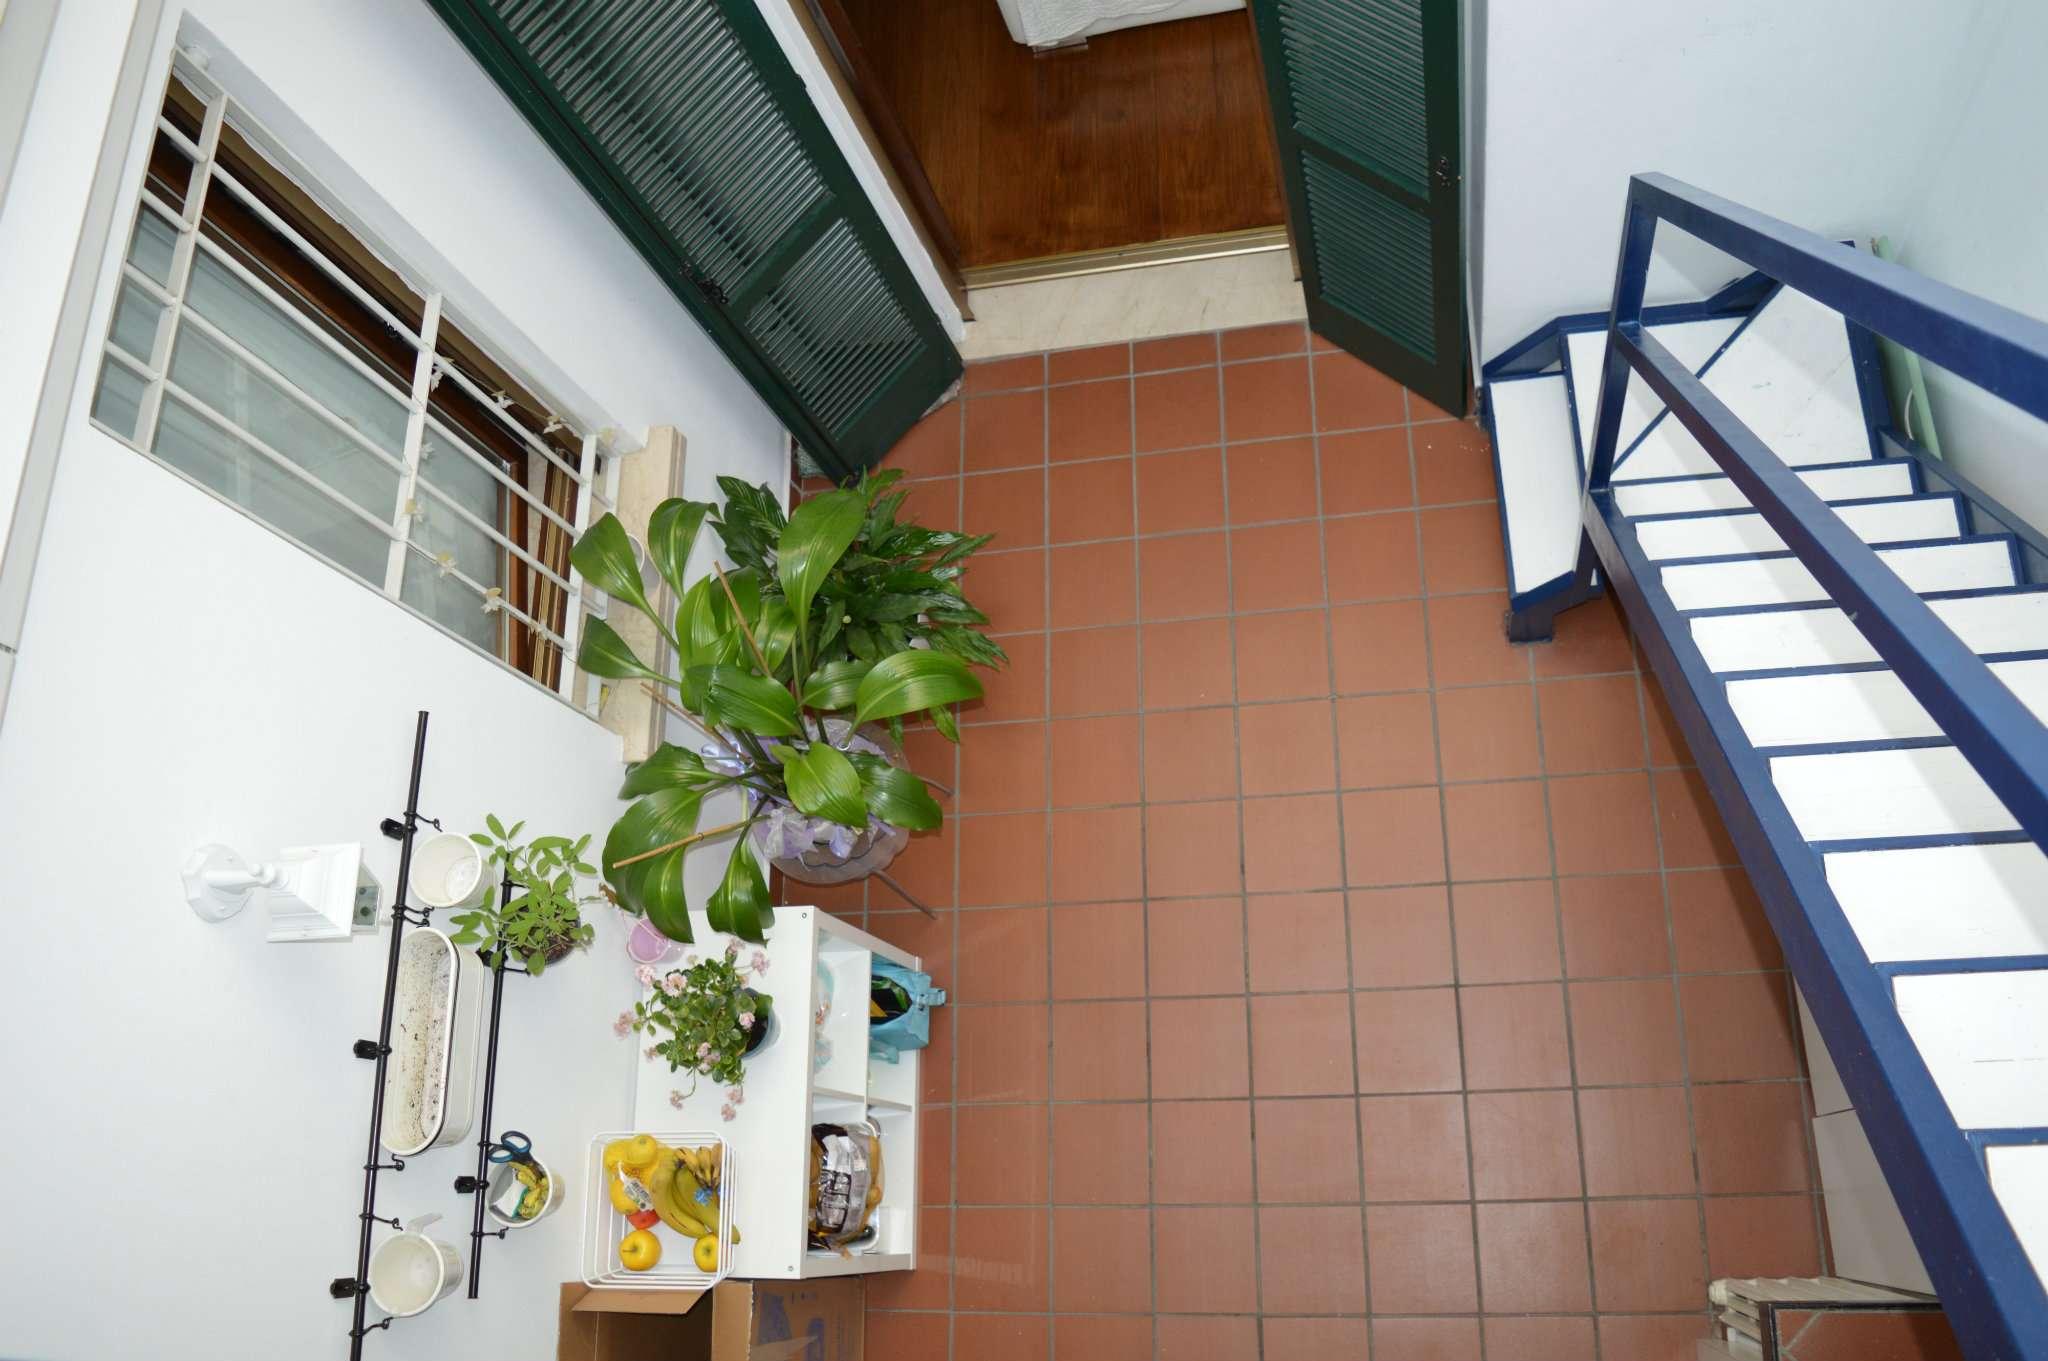 Appartamento in vendita a Borgosatollo, 3 locali, prezzo € 175.000 | CambioCasa.it